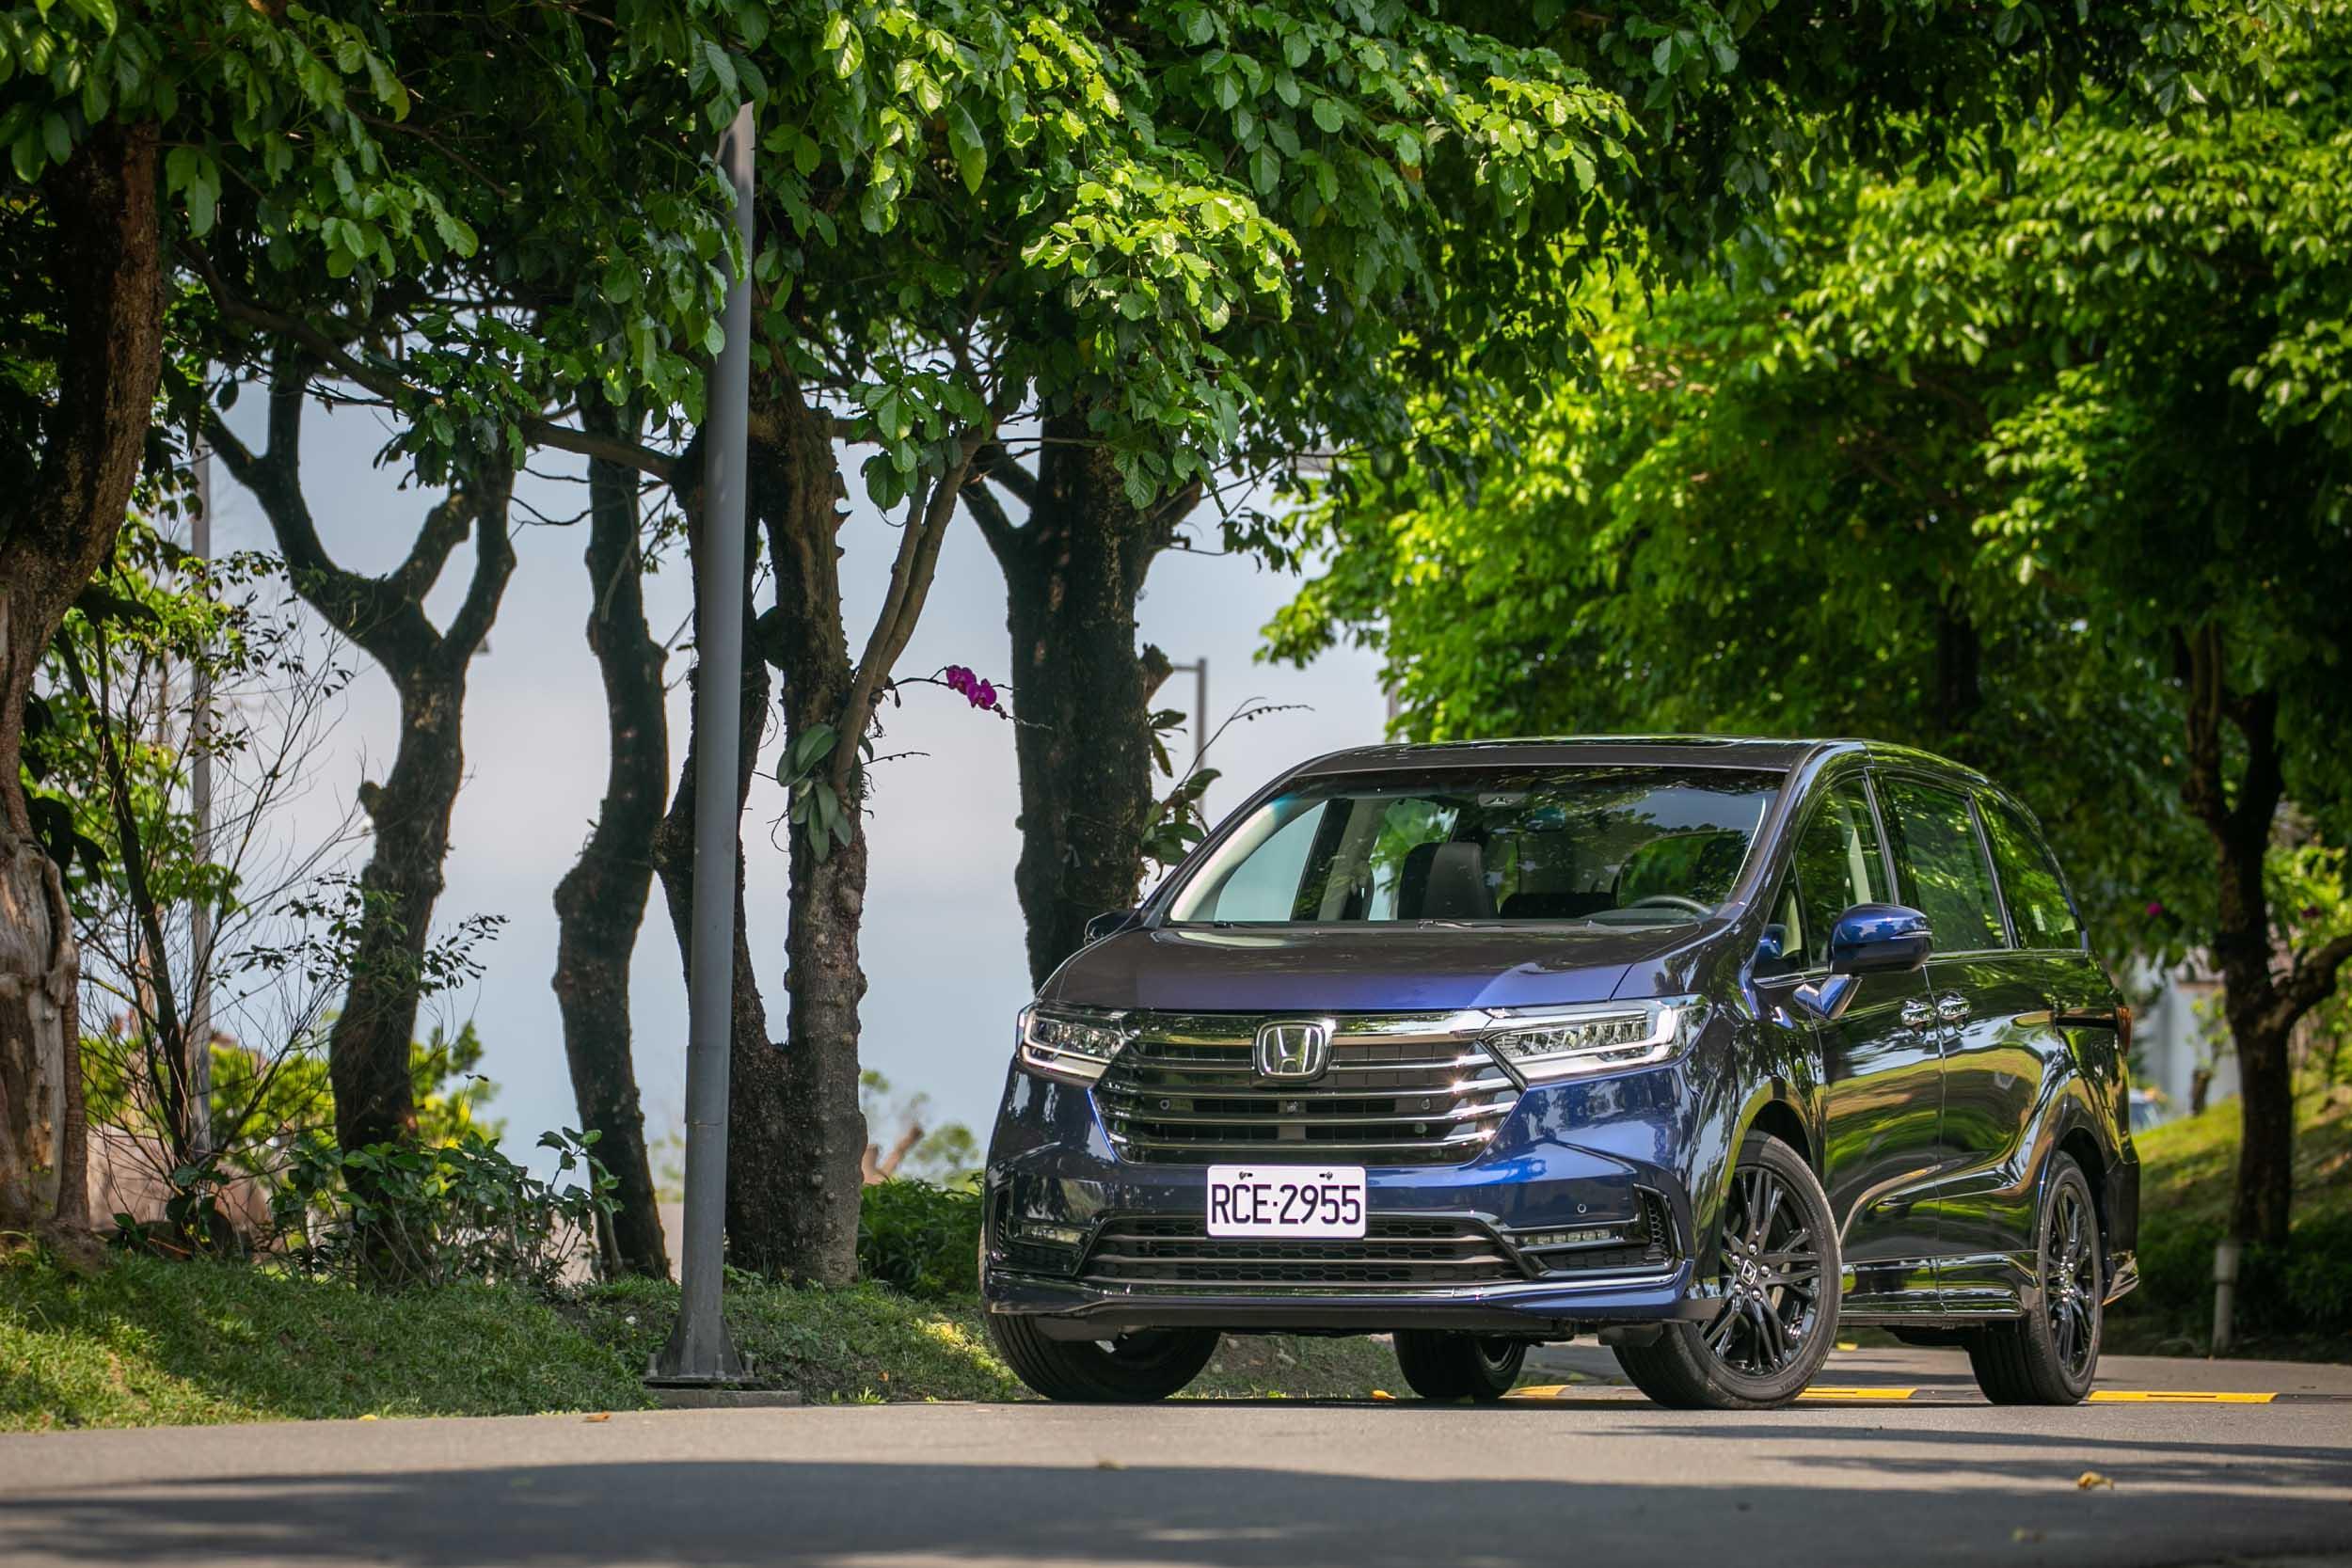 試駕車款為七人座登峰版,售價為新台幣 179.9 萬。